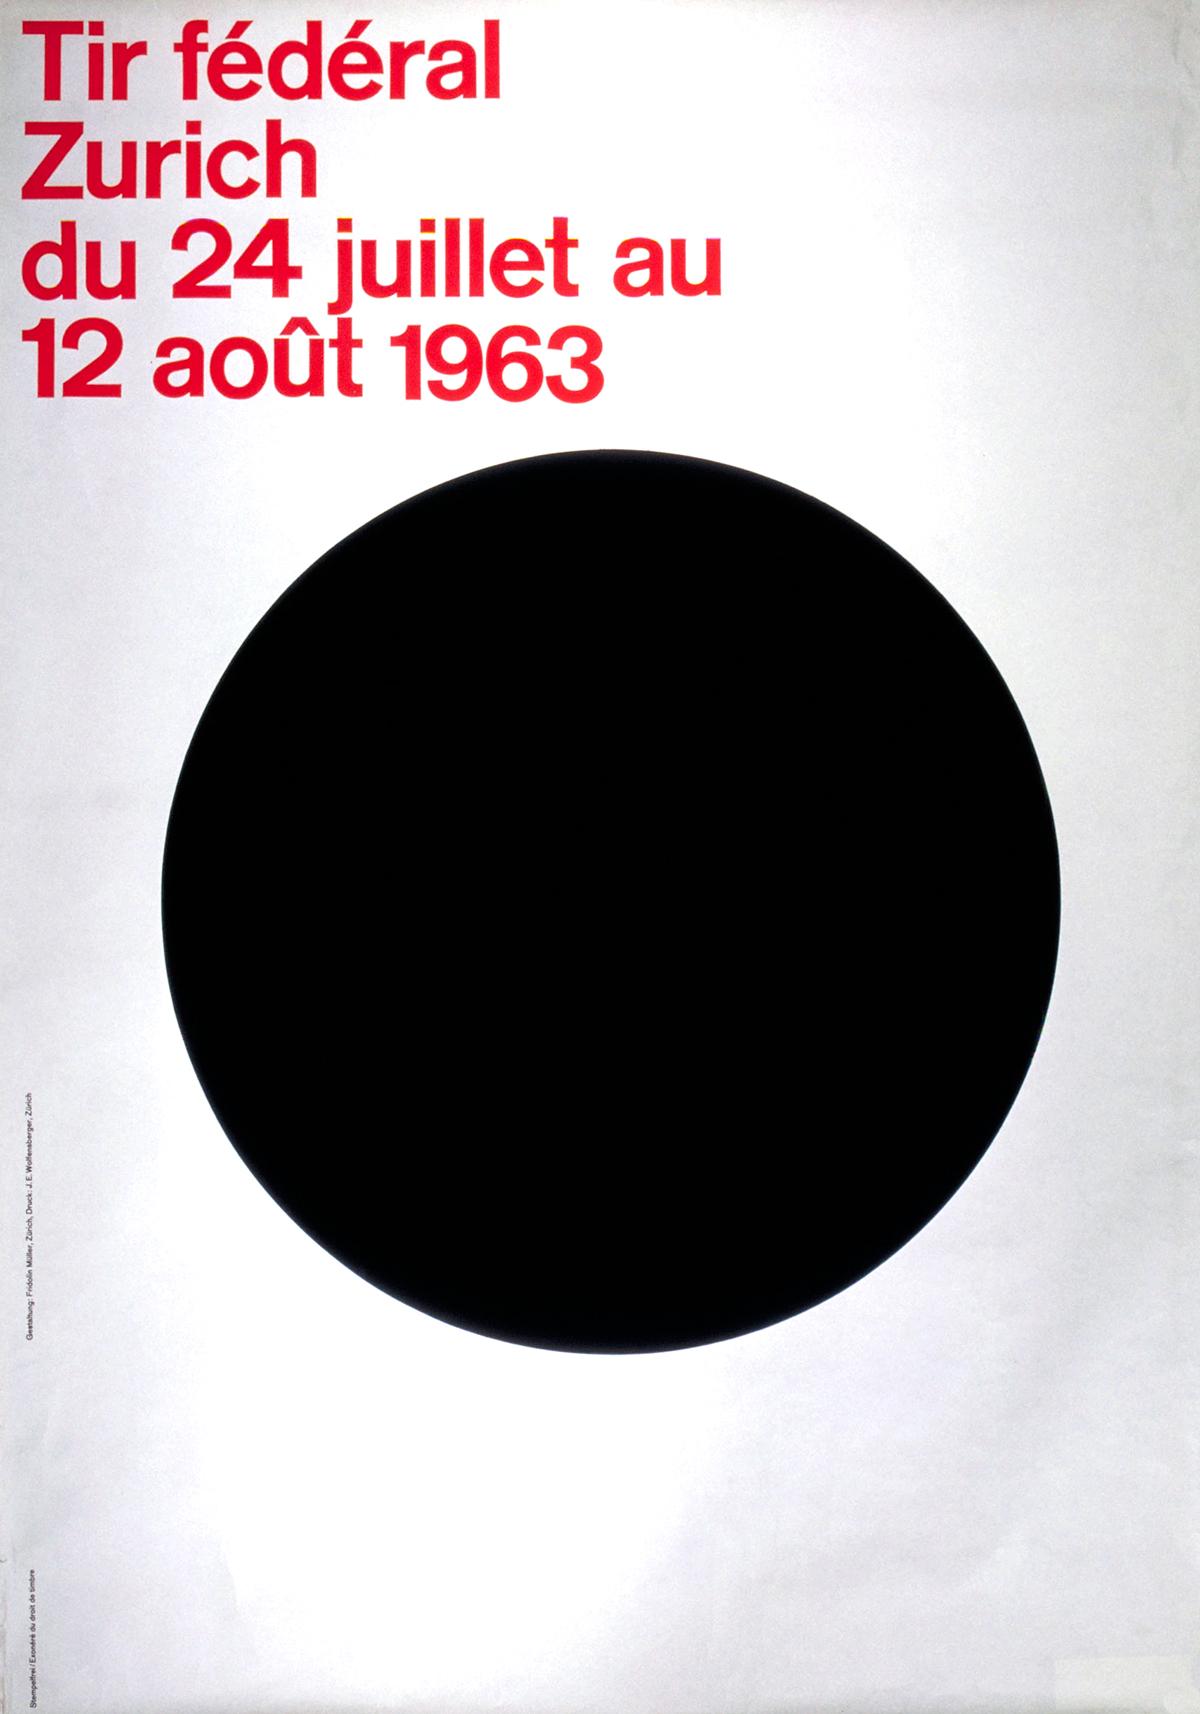 3355.jpg